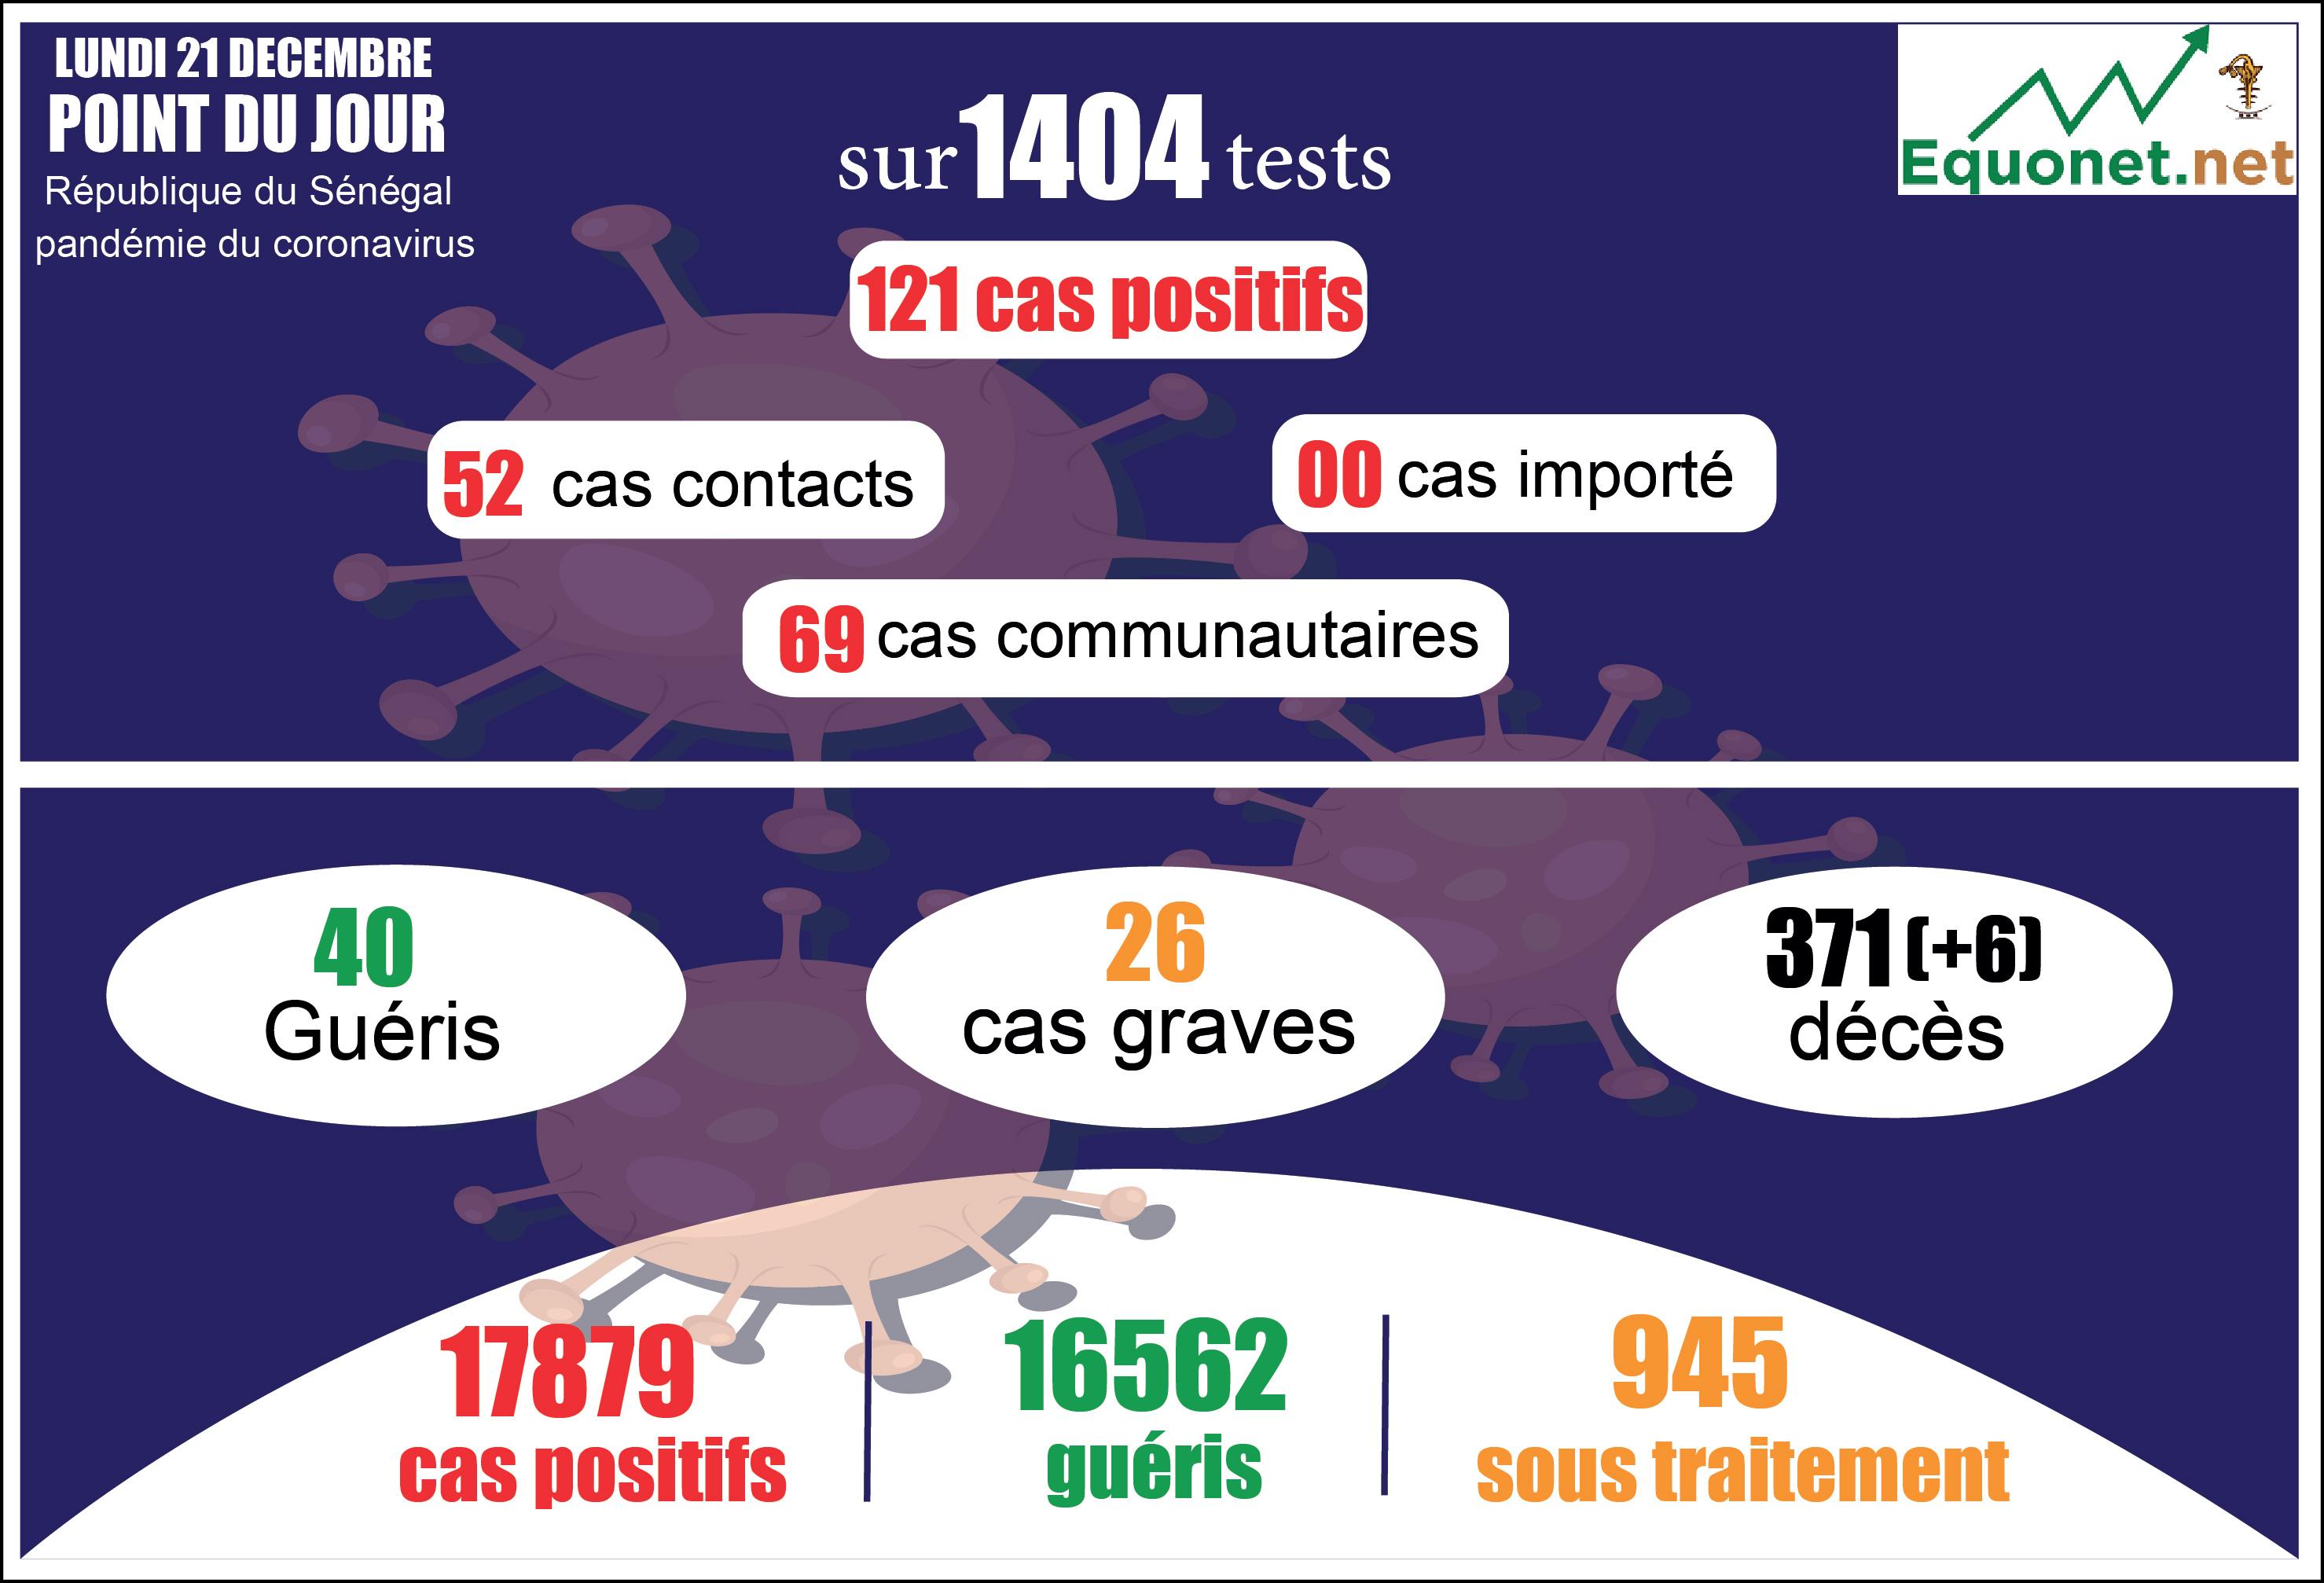 pandémie du coronavirus-covid-19 au sénégal : 69 cas communautaires ont été enregistrés ce lundi 21 décembre 2020